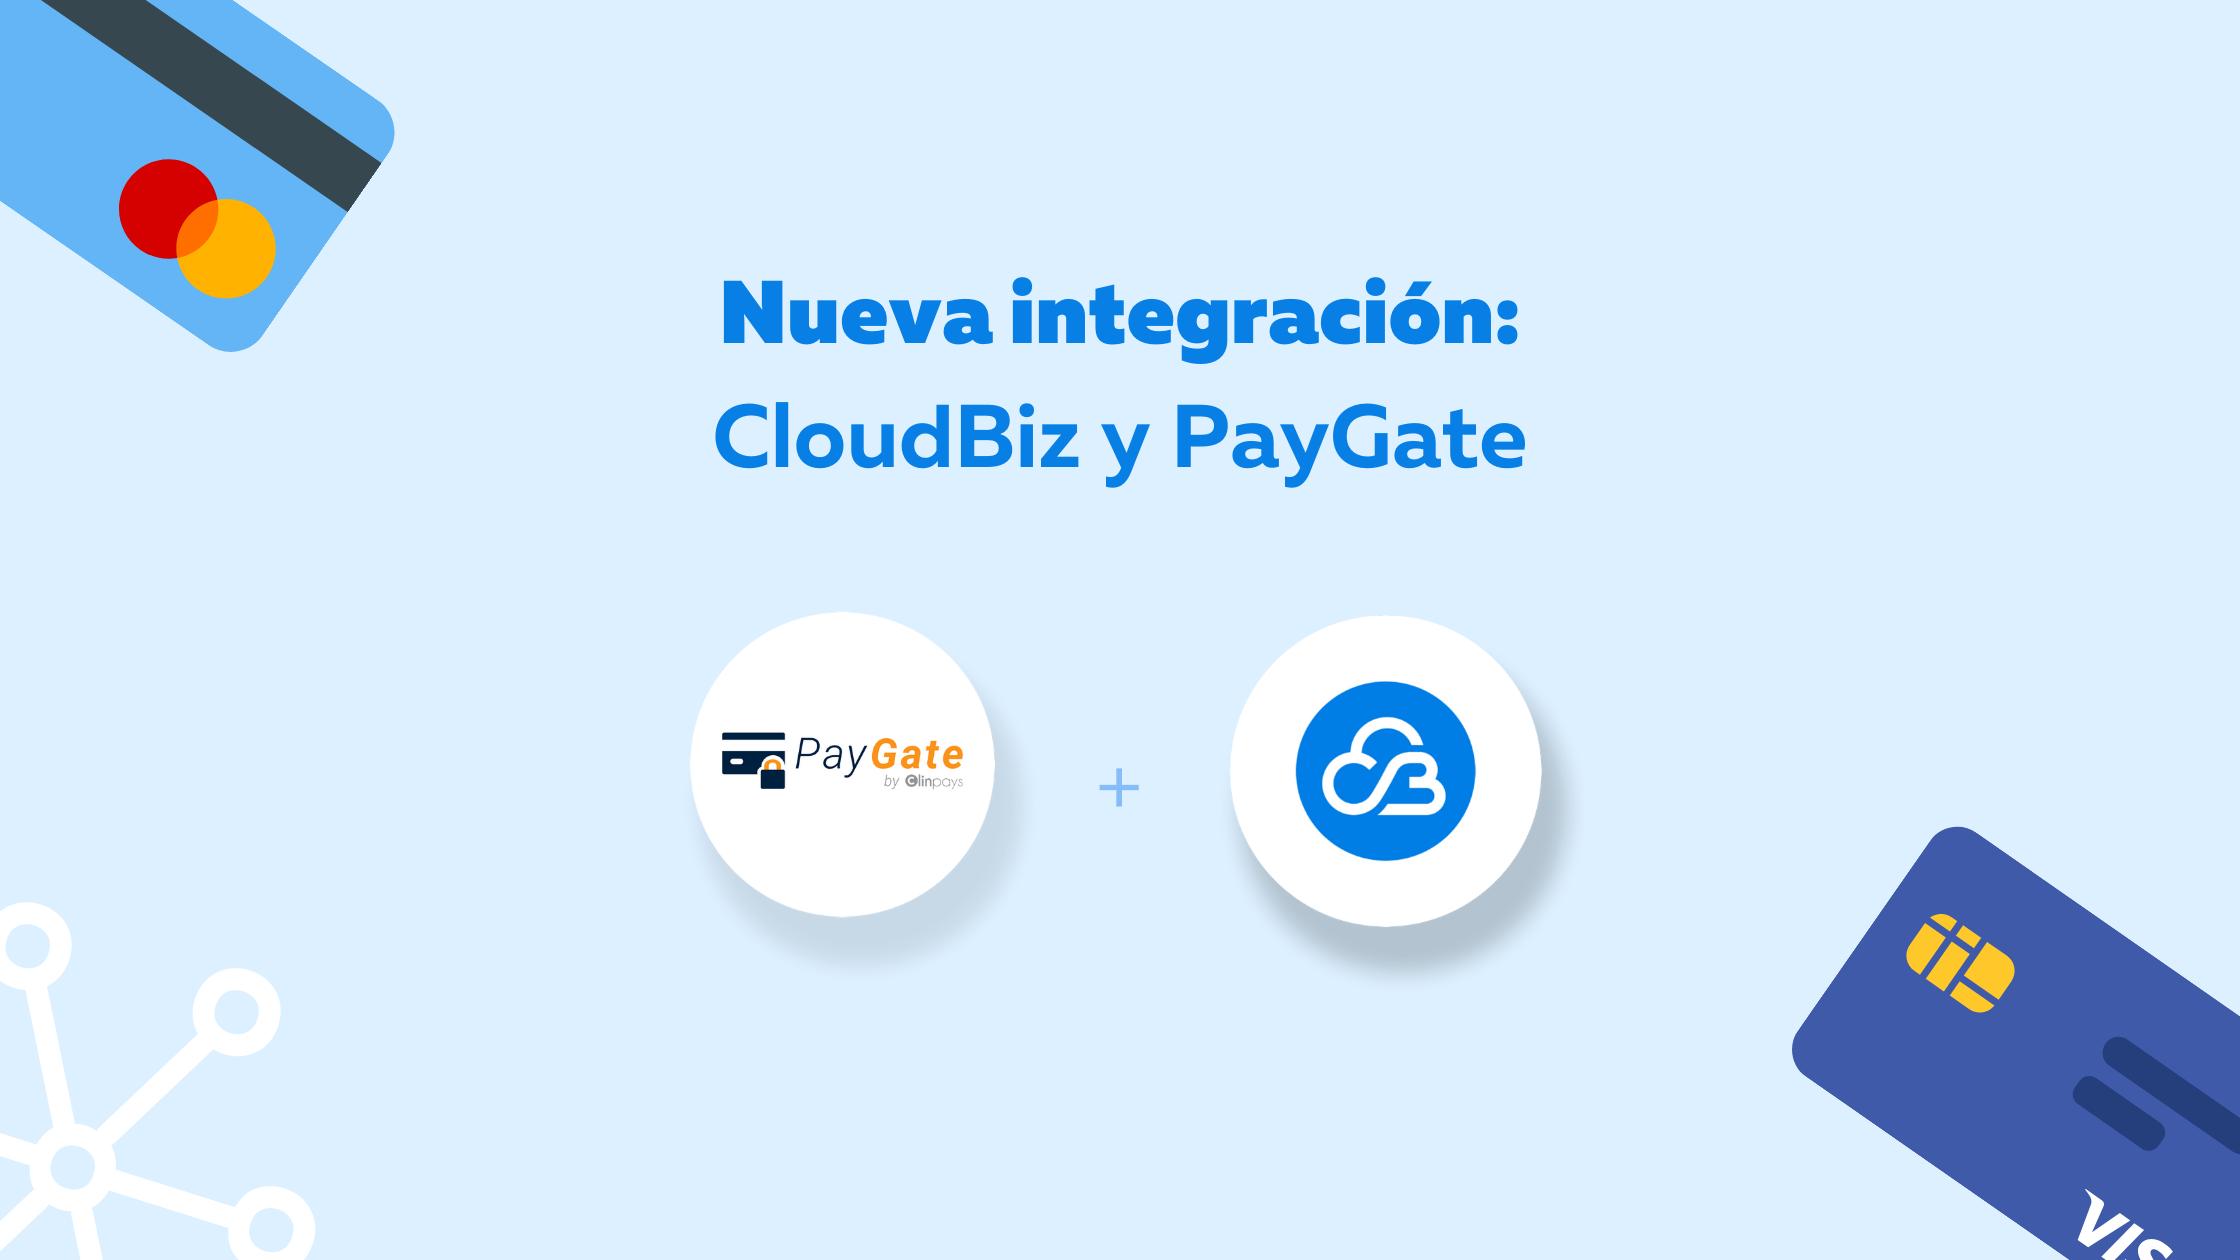 CloudBiz y PayGate se integran para que los pequeños negocios reciban pagos en línea